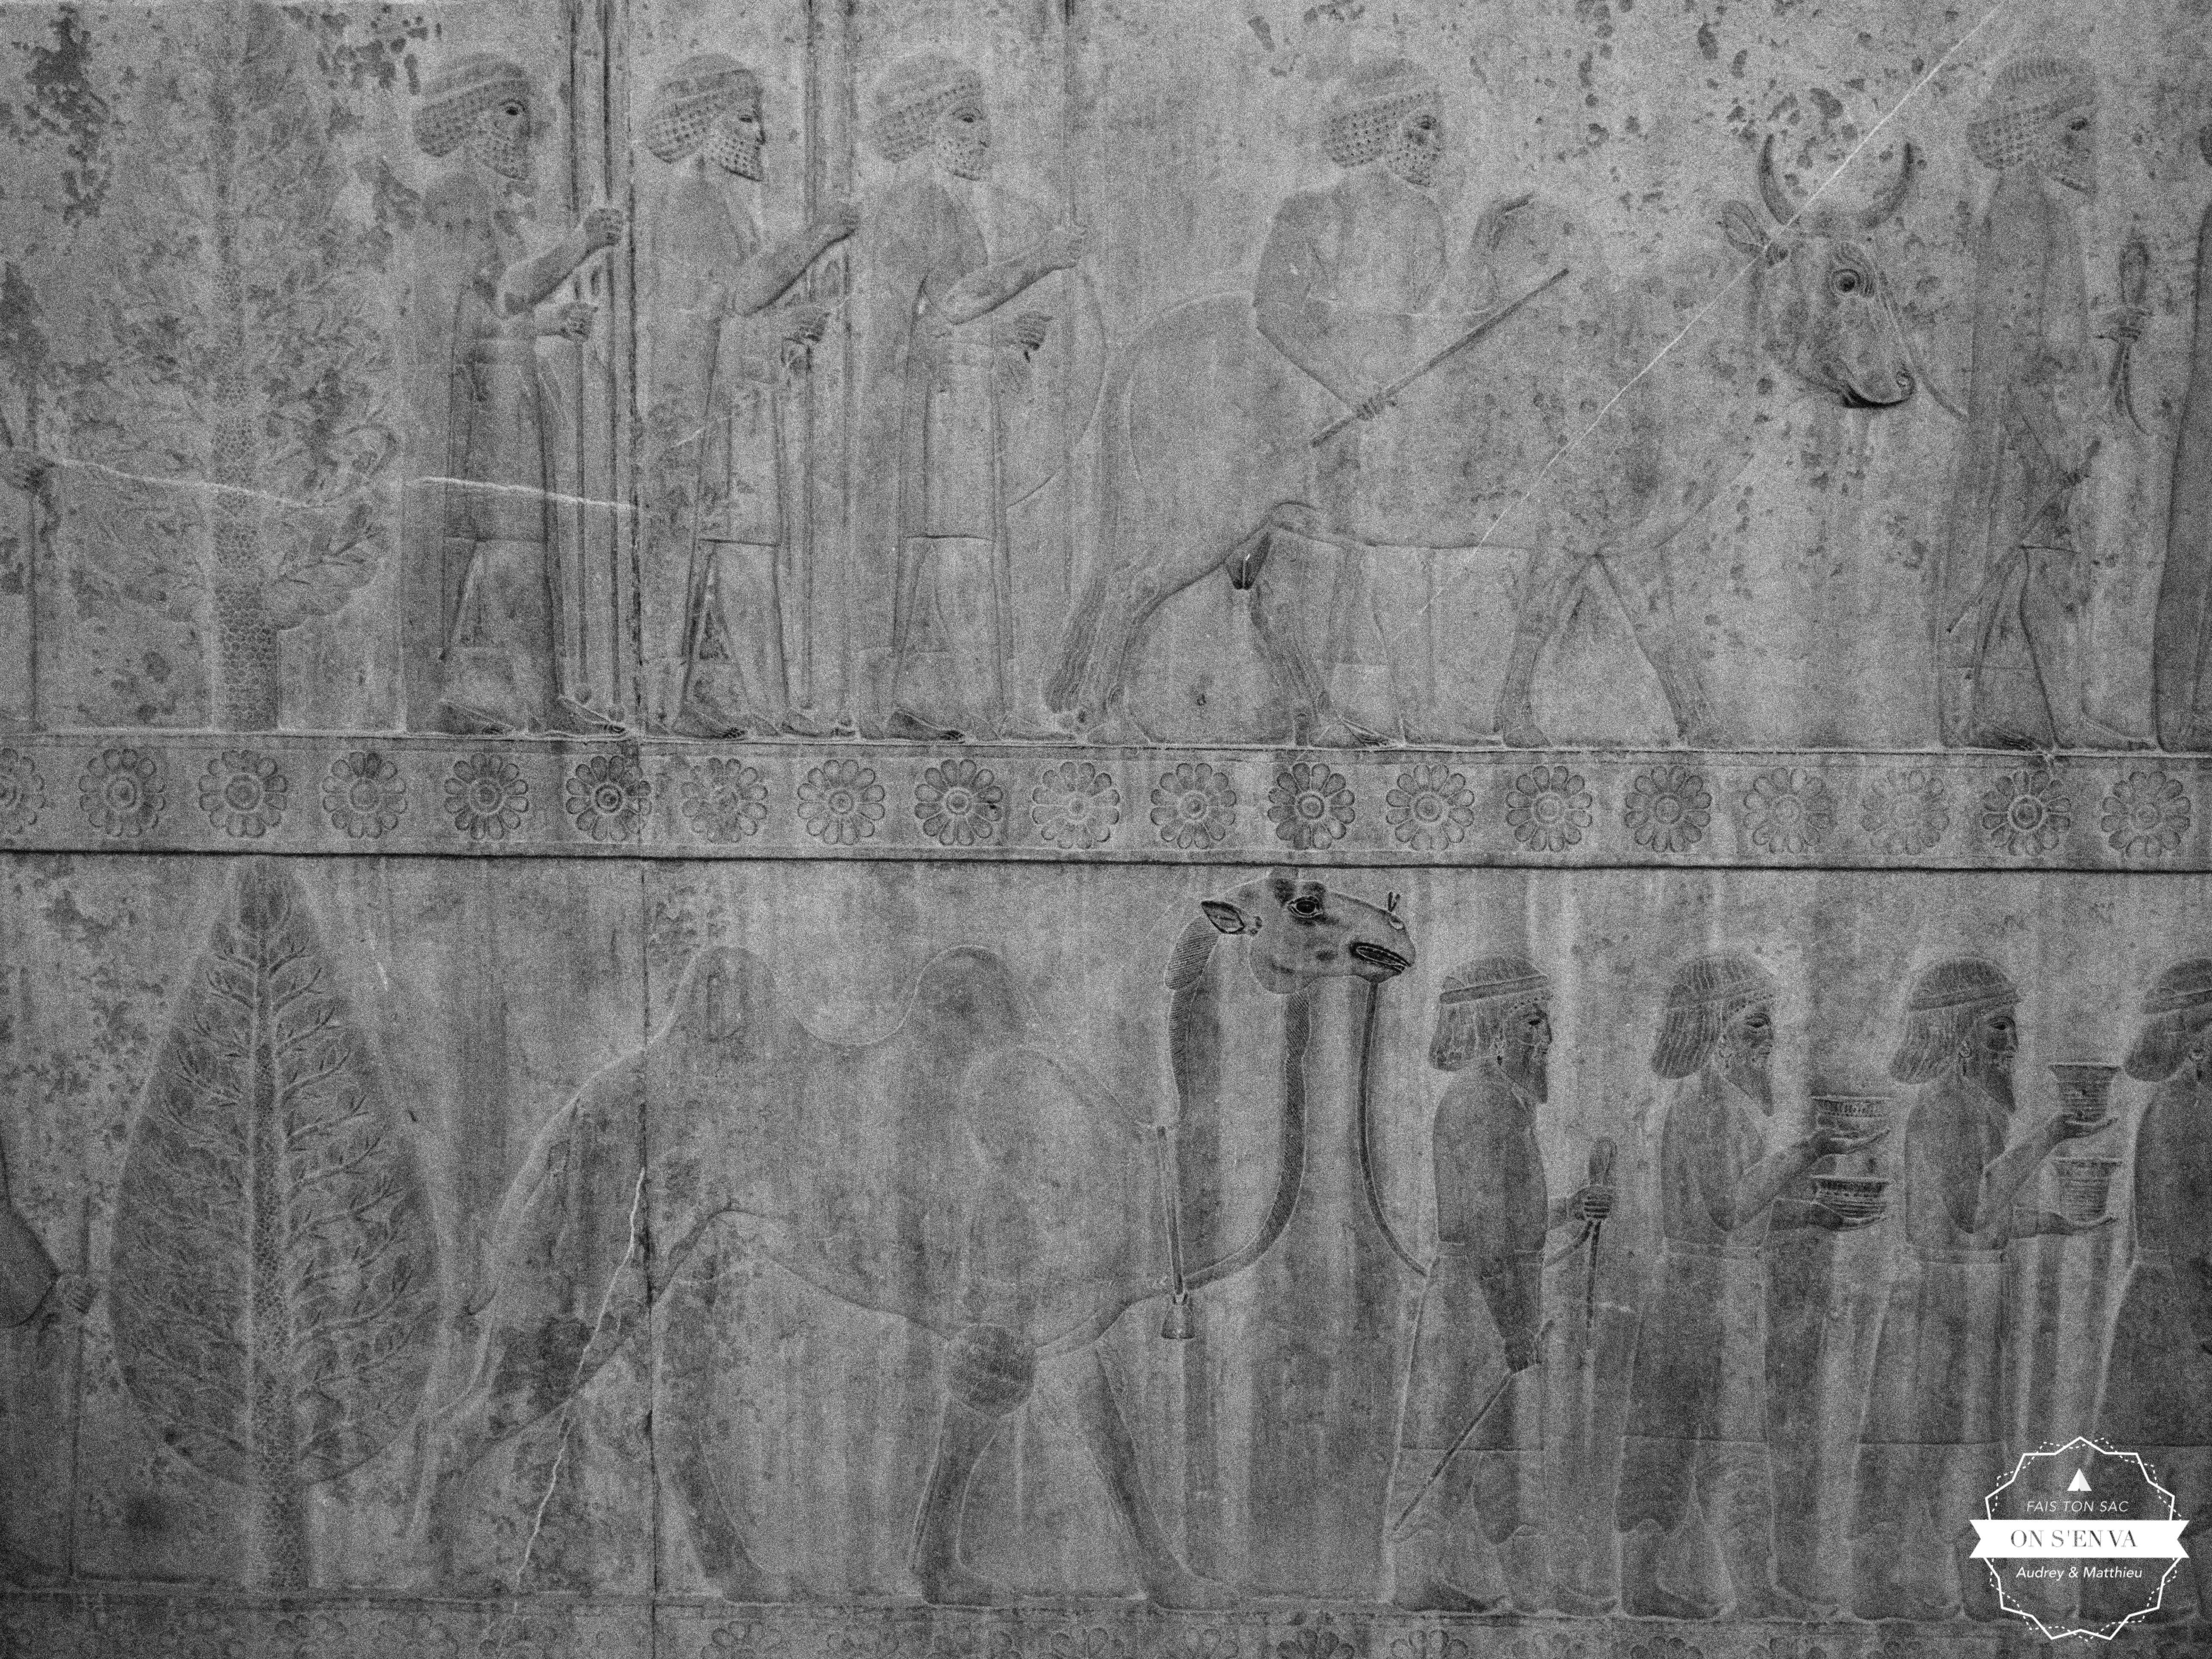 Détail des bas-reliefs